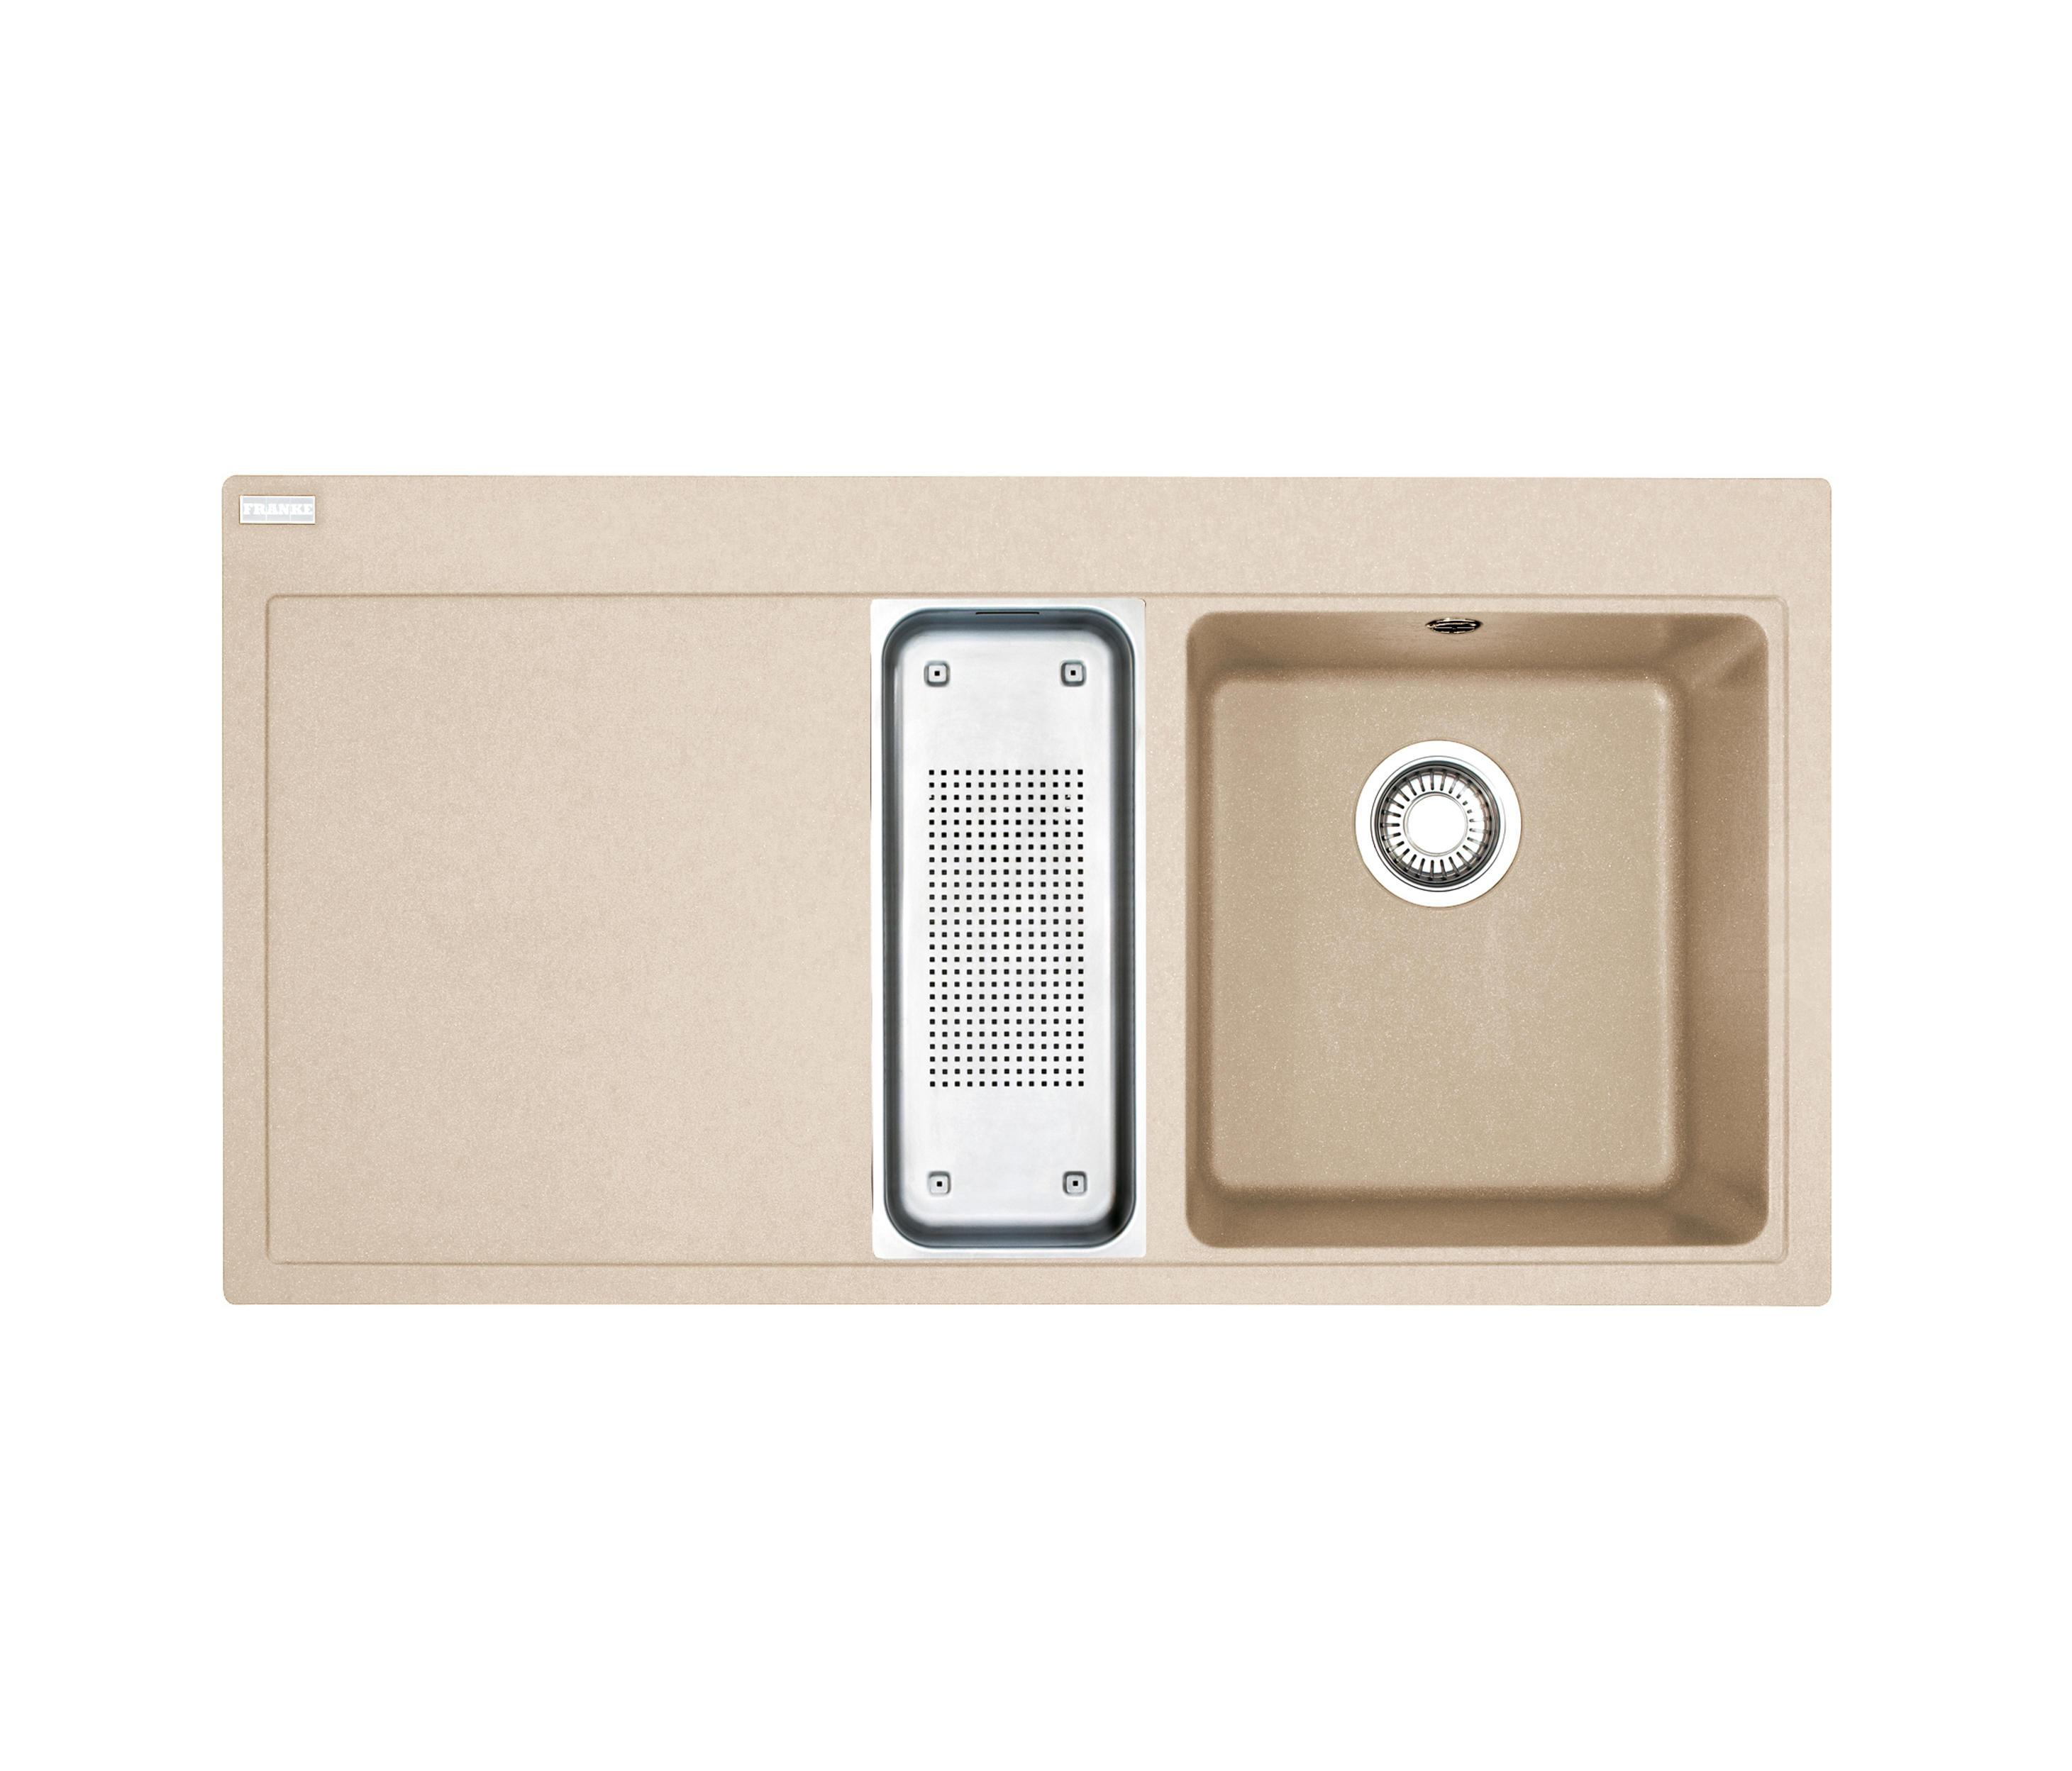 mythos sp le mtg 651 100 fragranit beige k chensp lbecken von franke kitchen systems. Black Bedroom Furniture Sets. Home Design Ideas